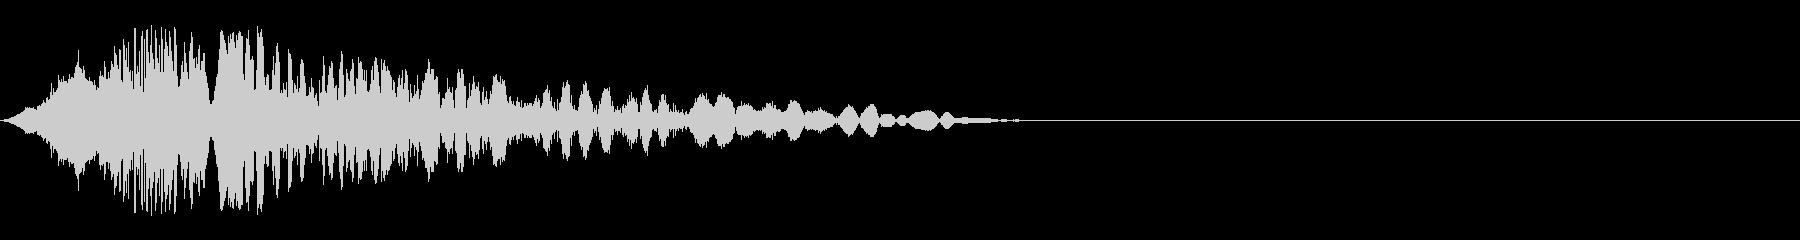 重量感のあるパンチ音02(+風切り)の未再生の波形